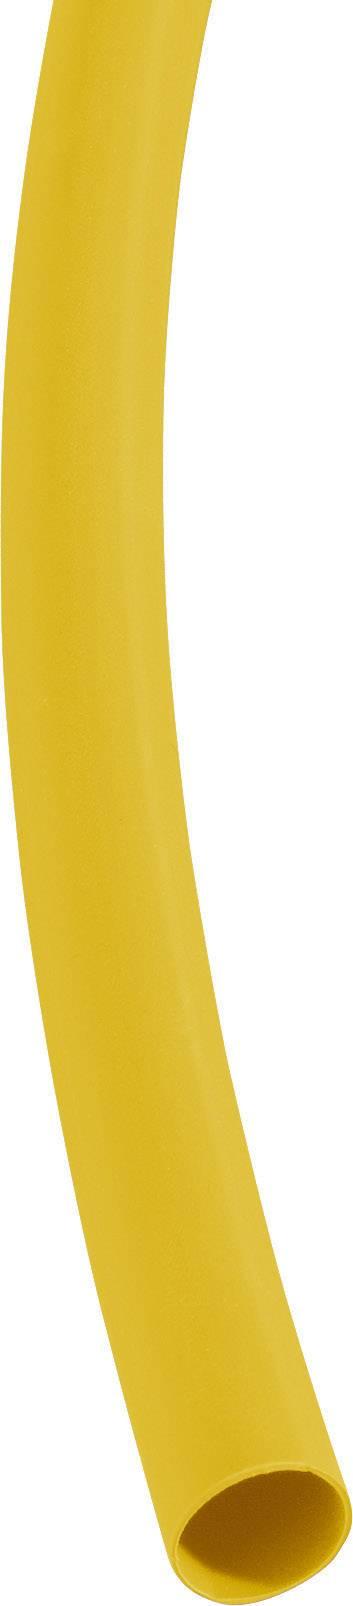 Zmršťovacie bužírky nelepiace DSG Canusa DERAY-I3000 3290090103, 3:1, 9.50 mm, žltá, metrový tovar